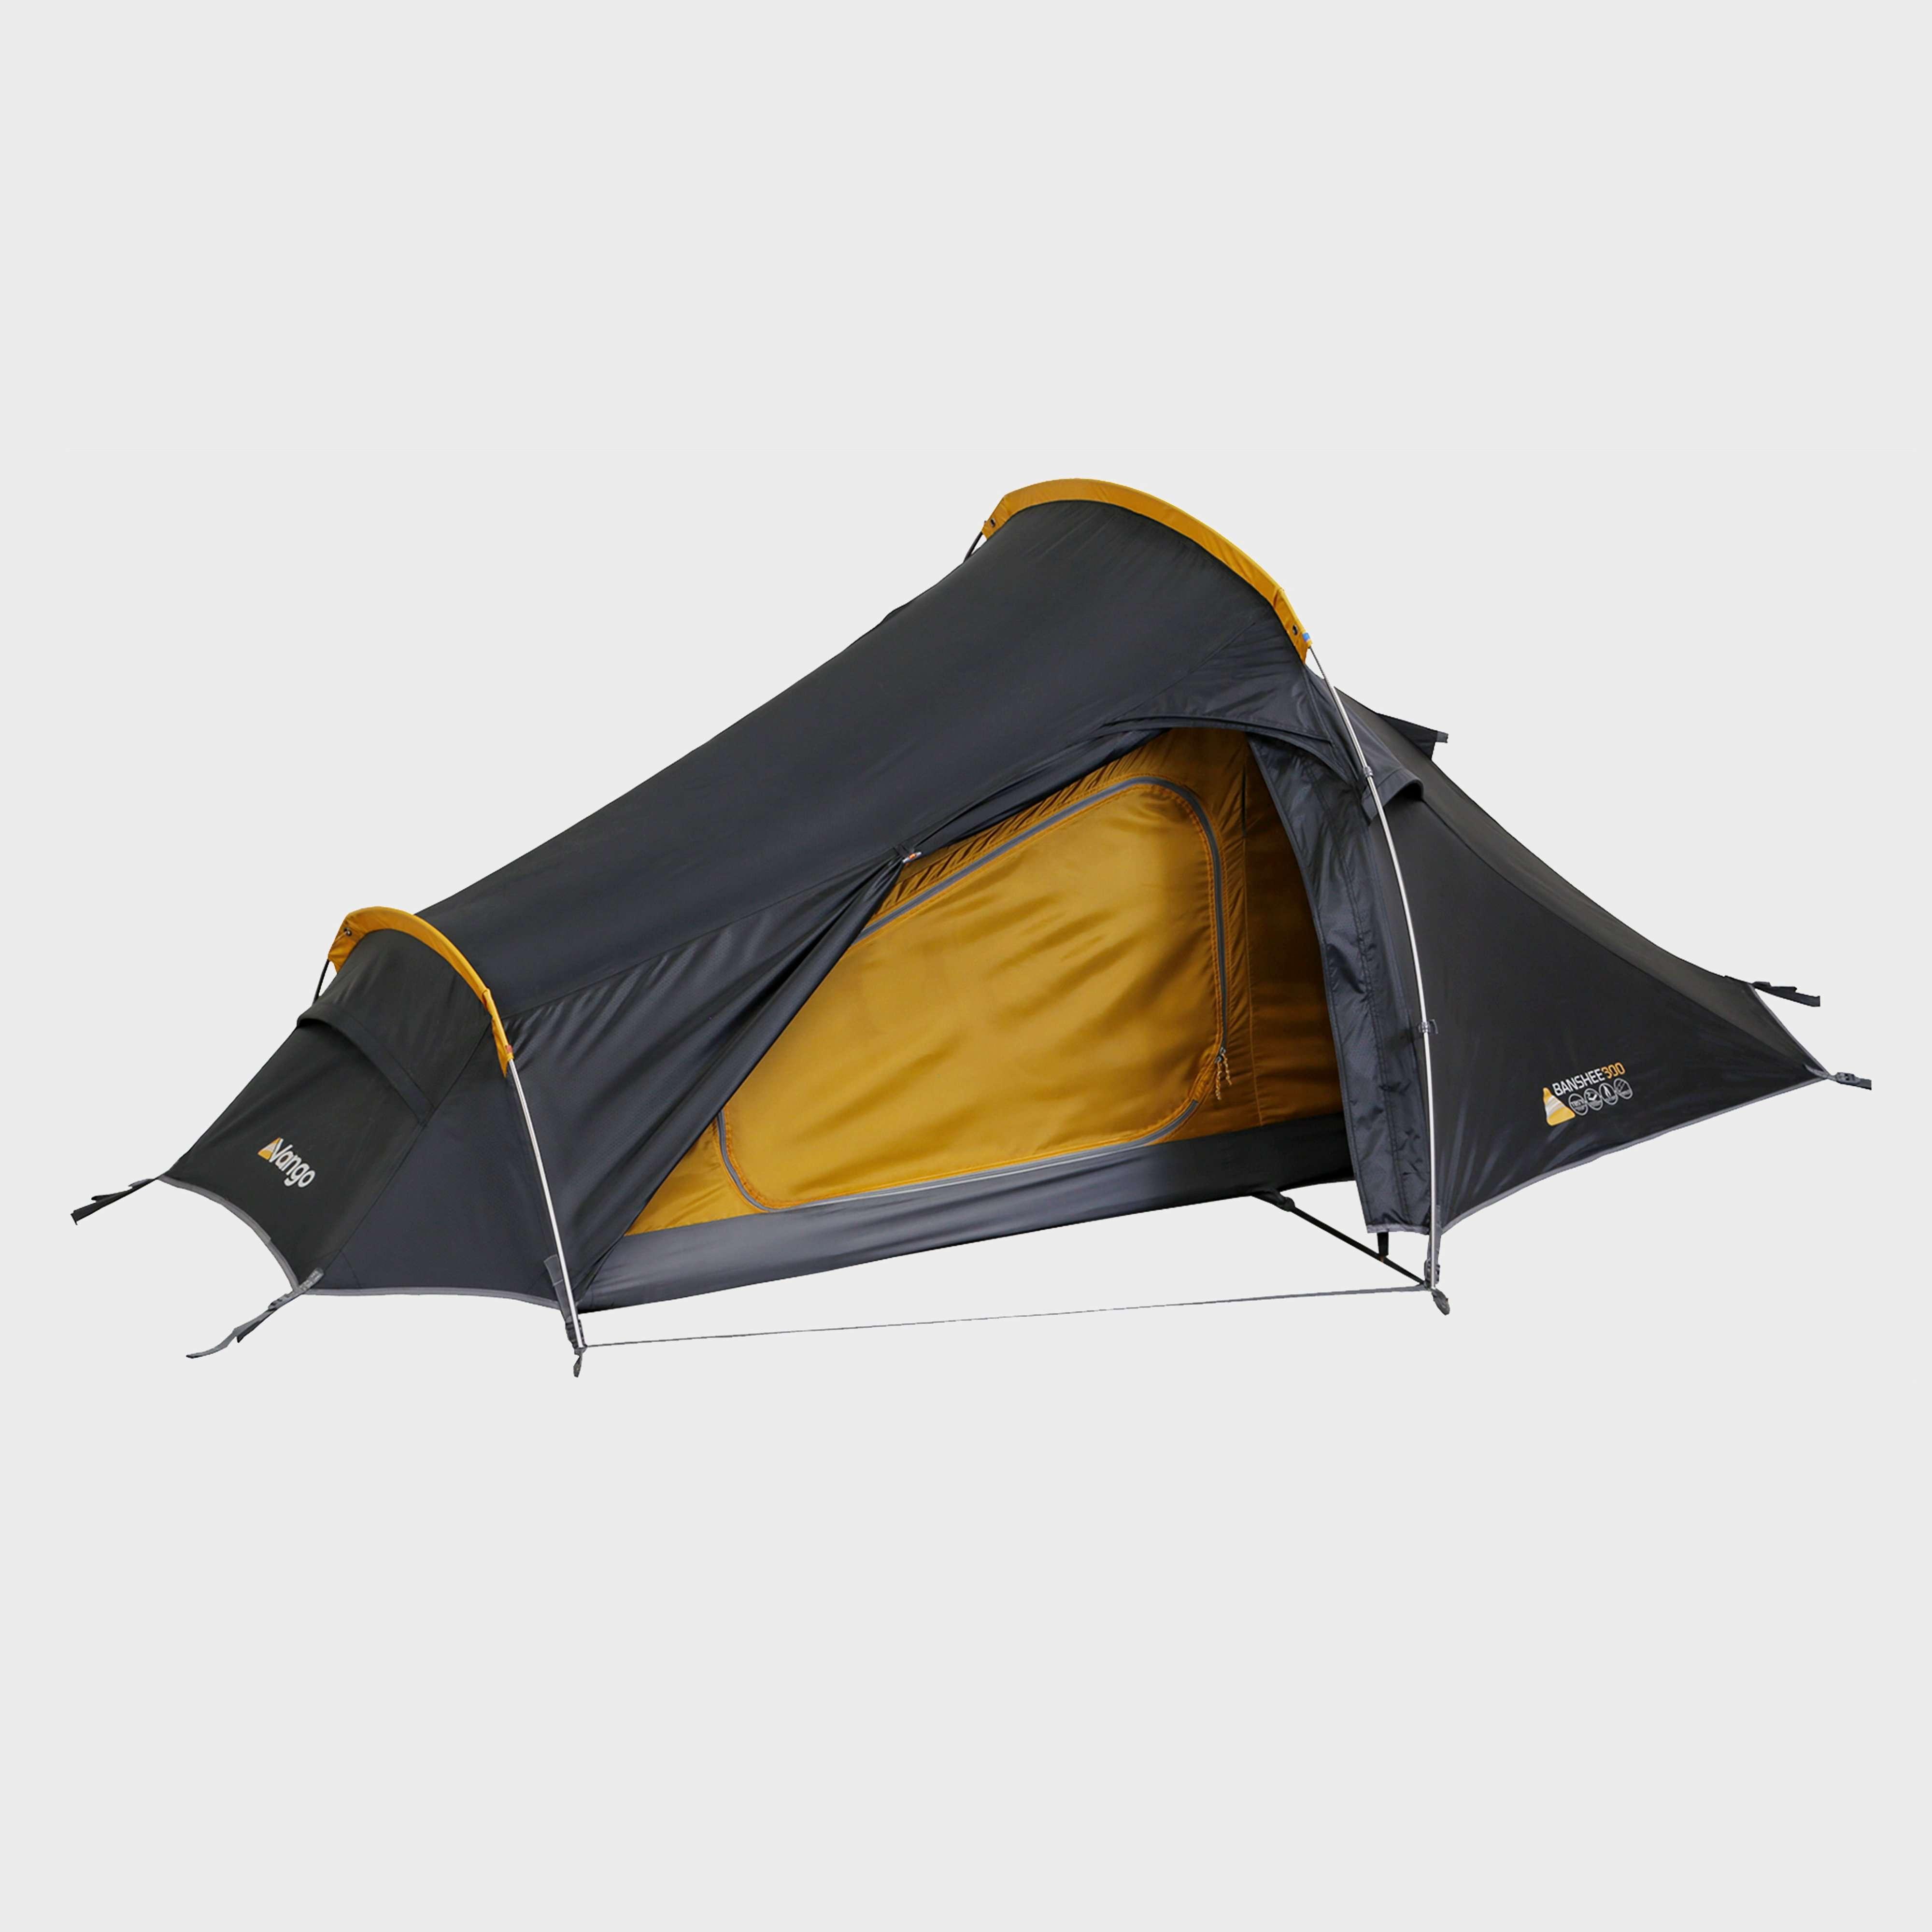 VANGO Banshee 300 3 Person Tent